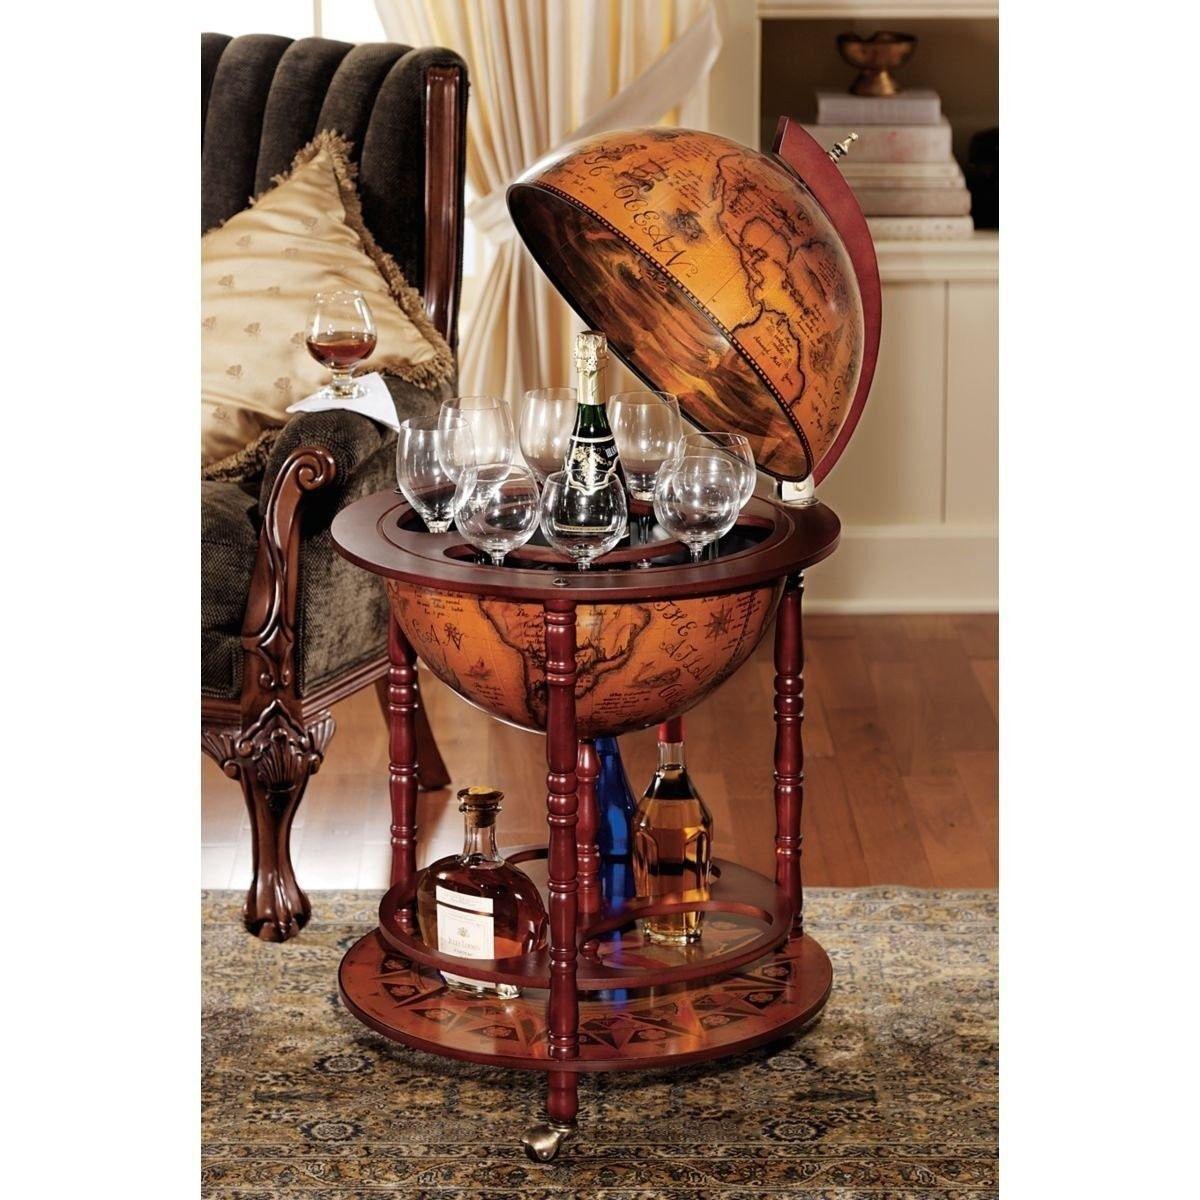 Vintage globe Eucalyptus bar boissons Cabinet Verre à vin Porte-bouteilles Rolling panier